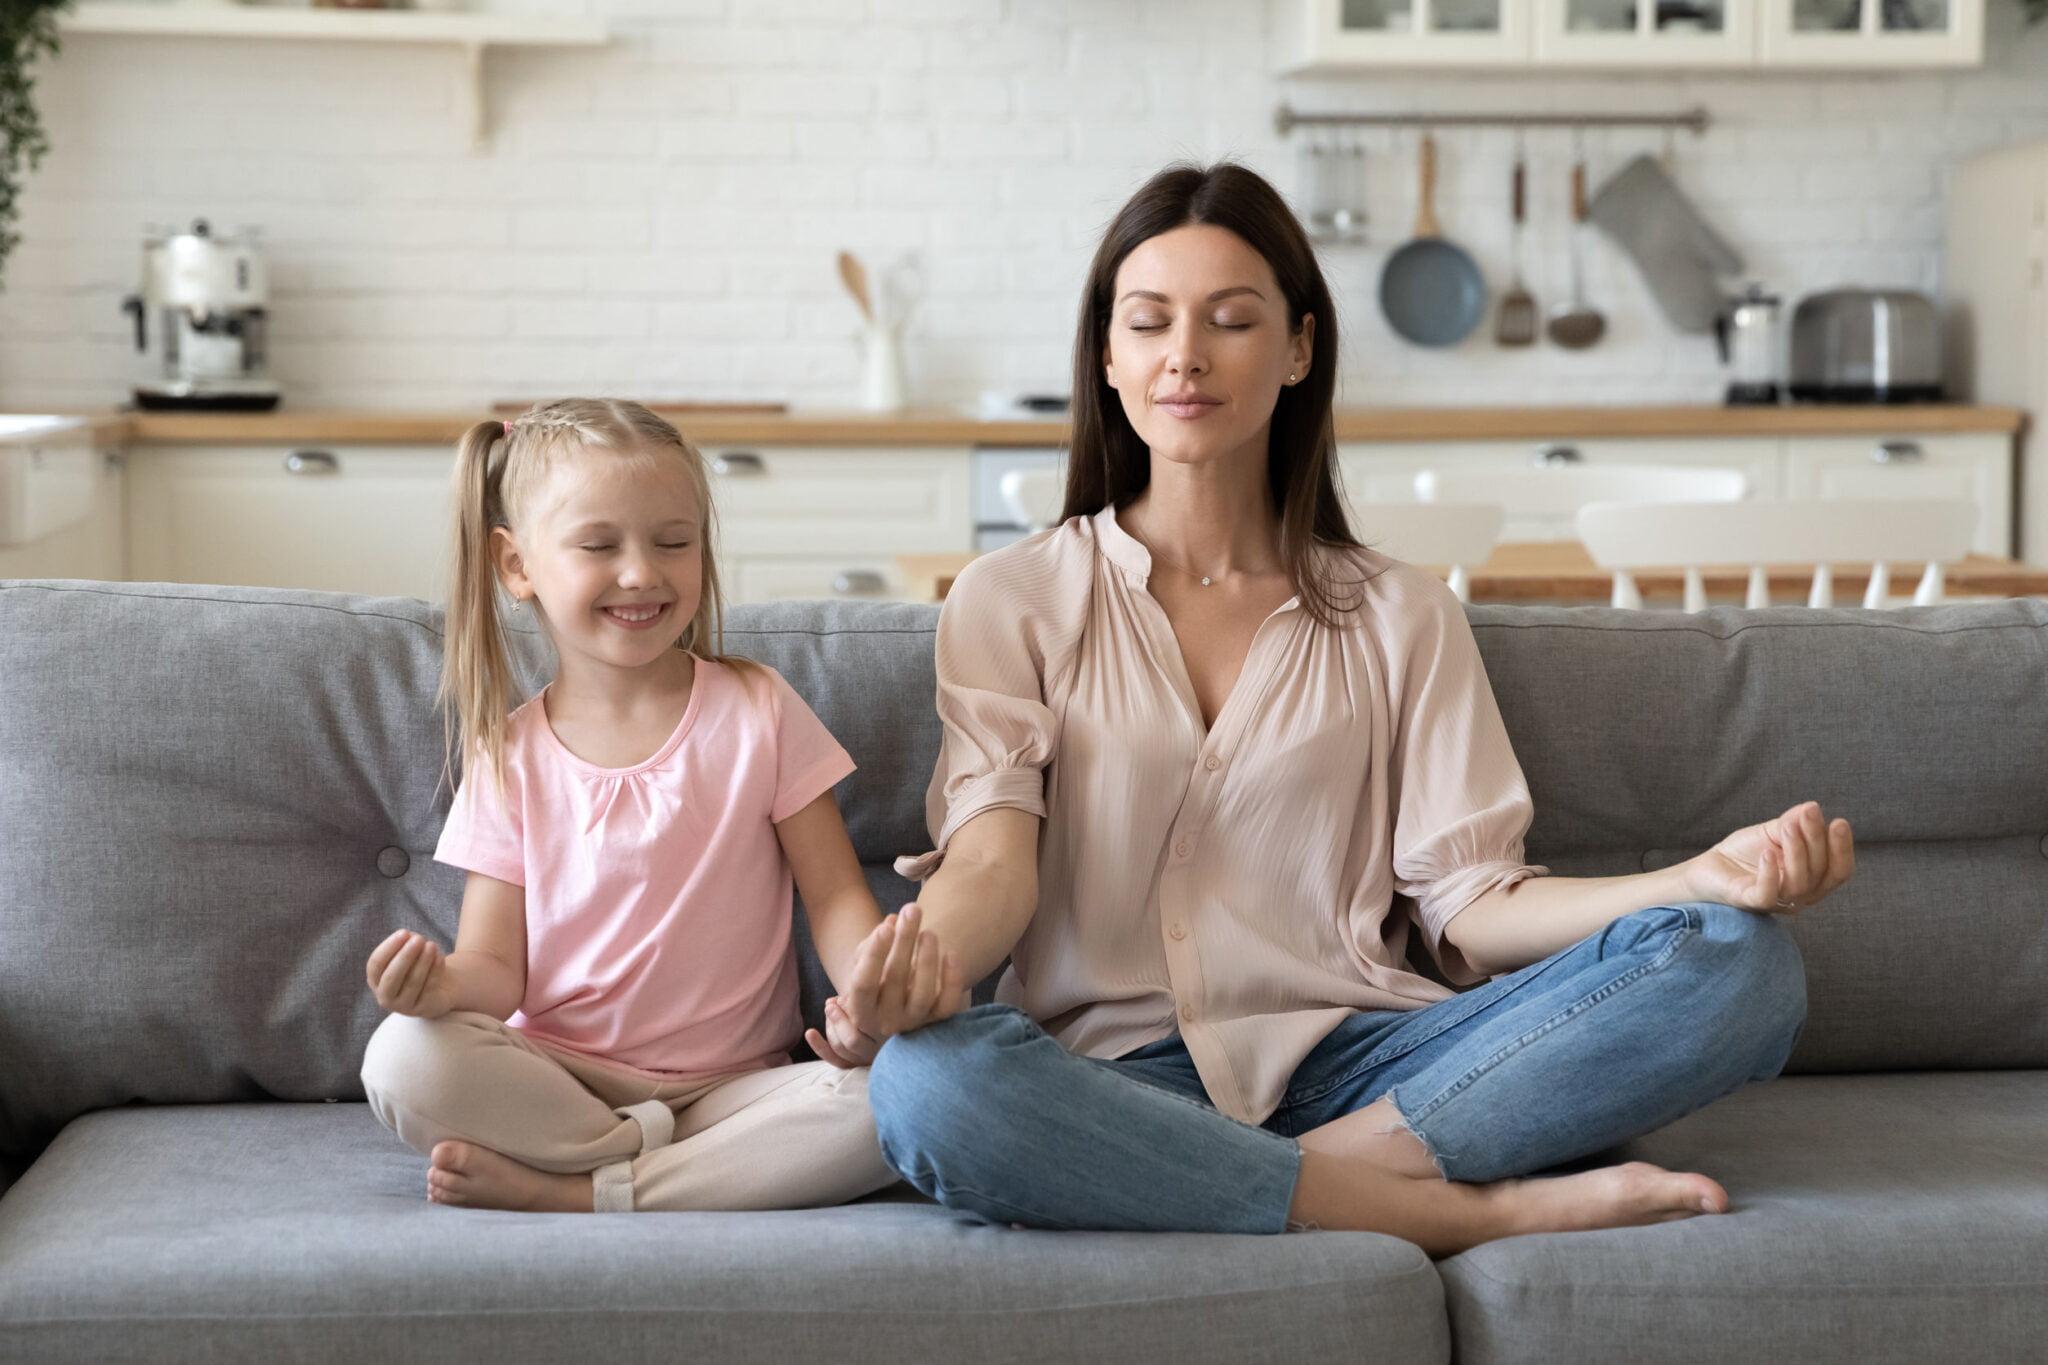 Nee zeggen als moeder en zo je energie en eigen grenzen beter bewaken - Mamaliefde.nl